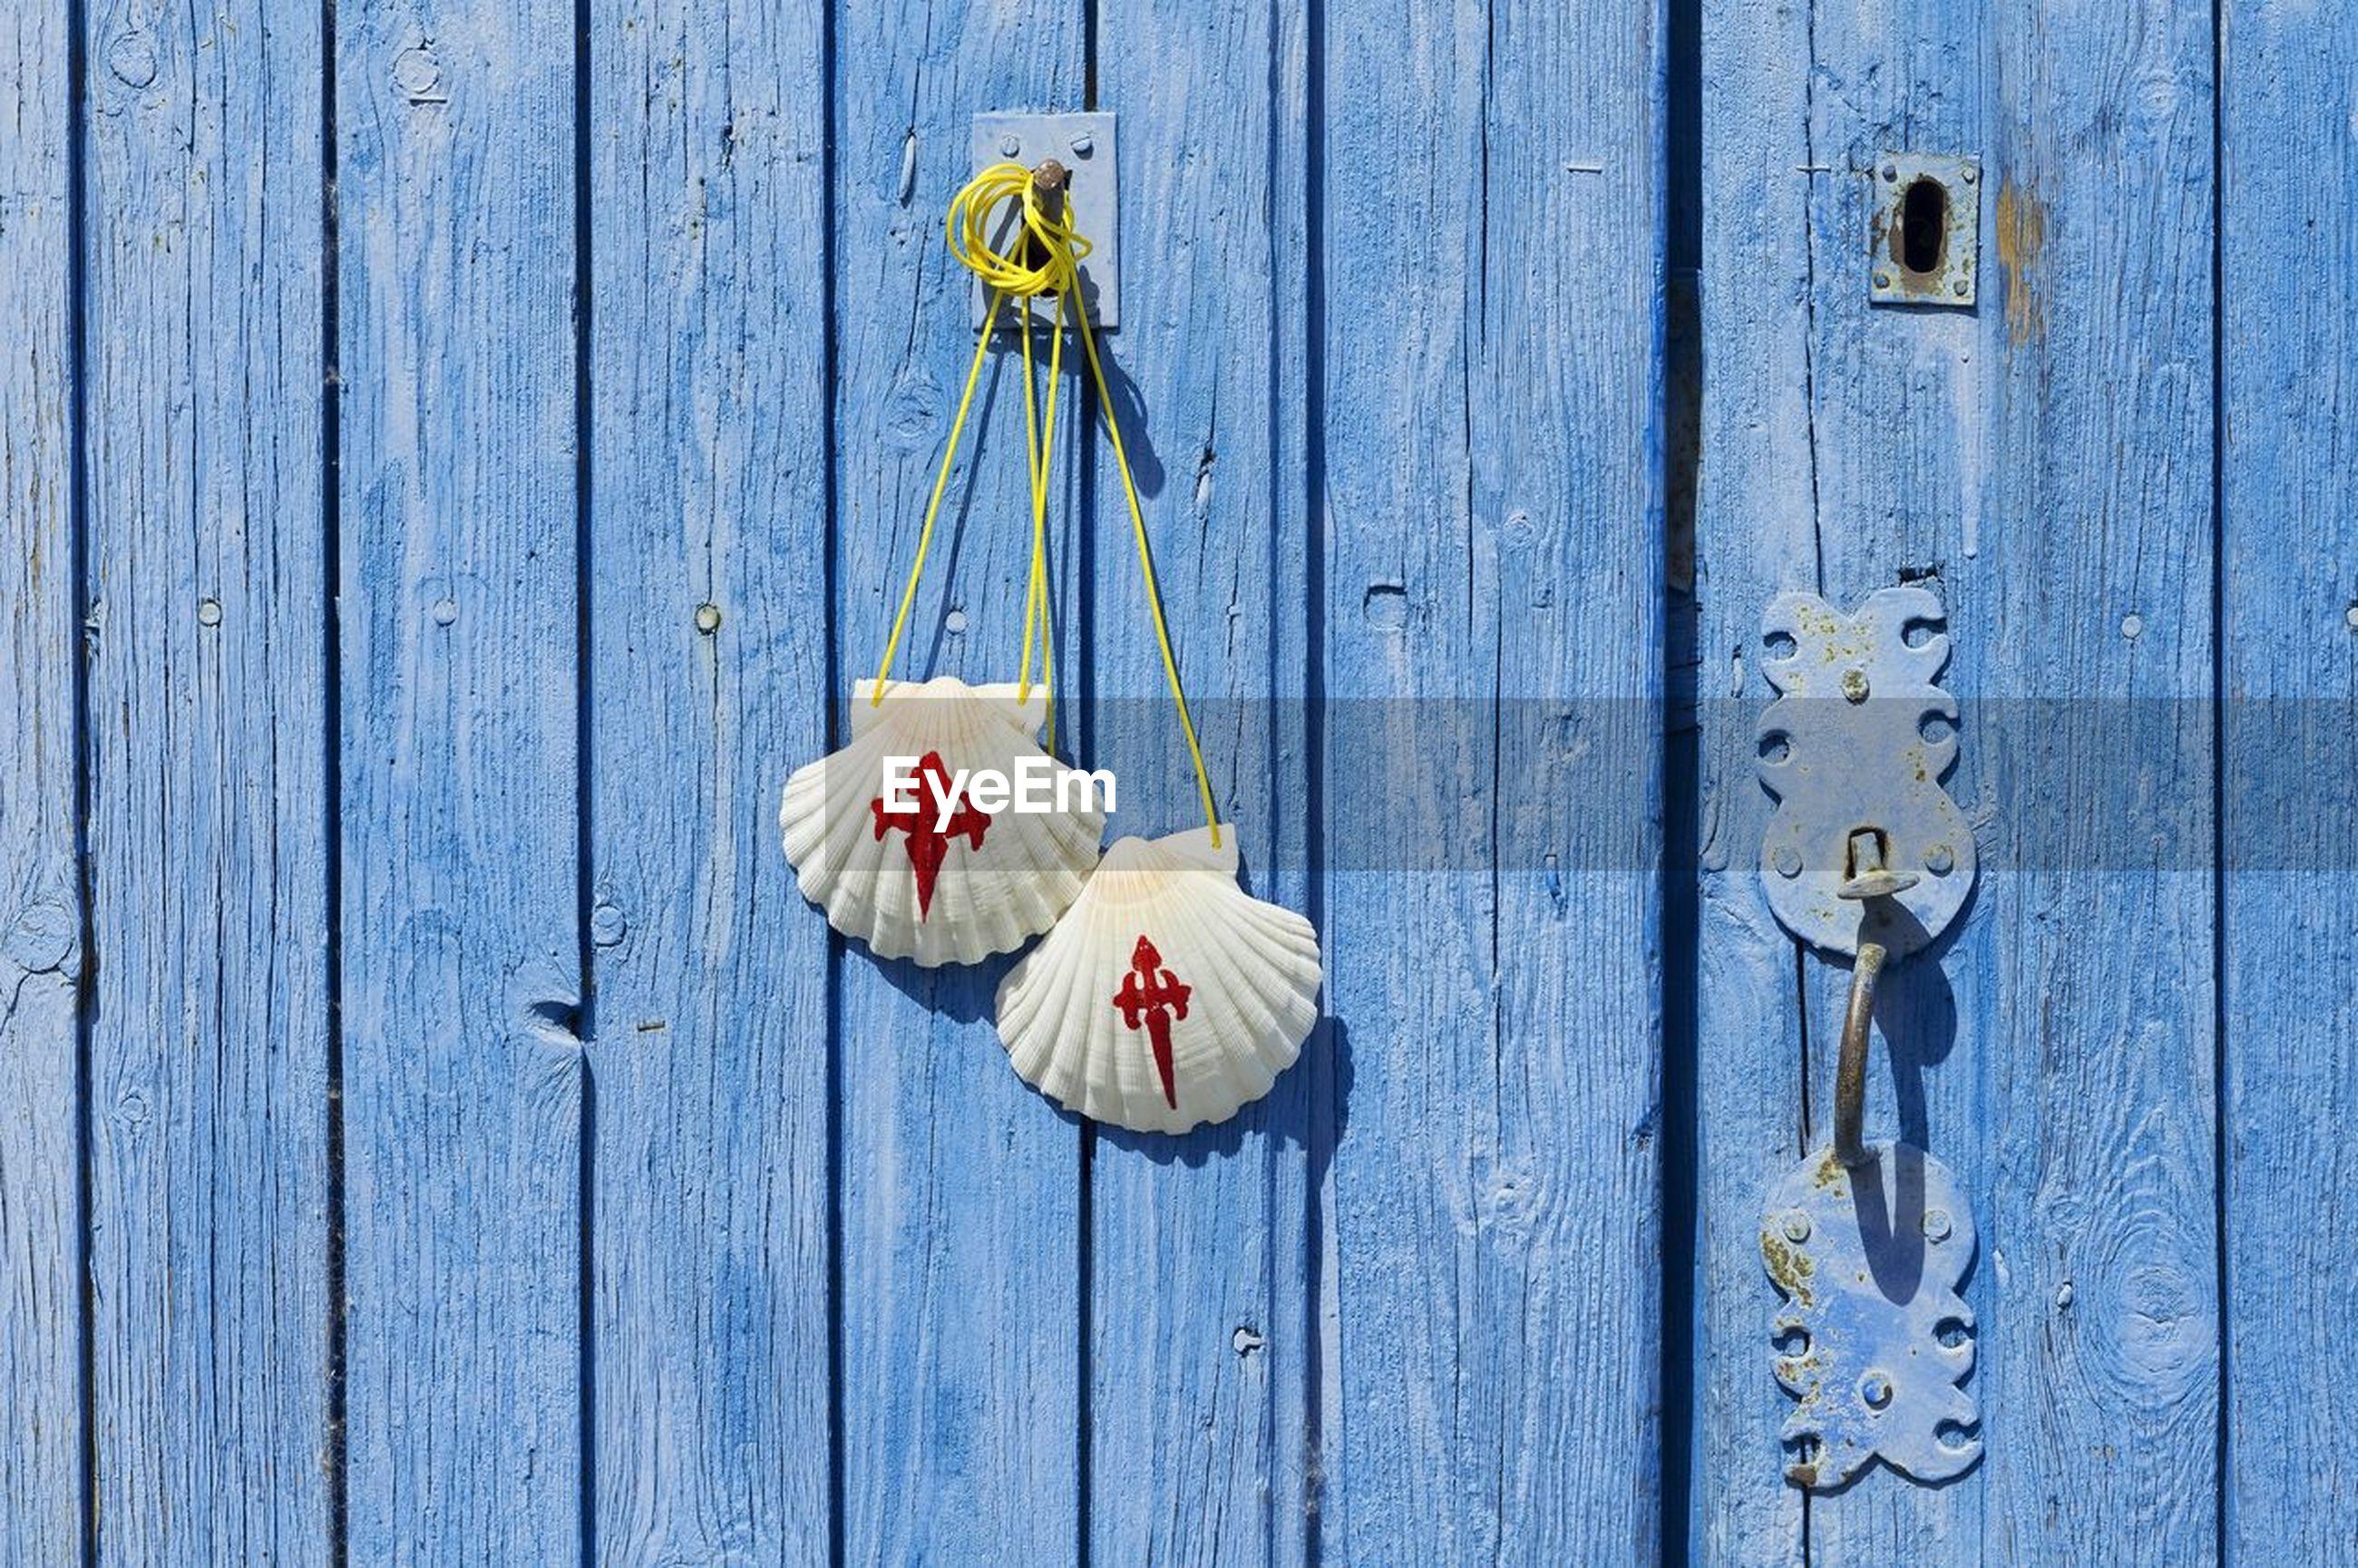 Pilgrim scallop shells on blue wooden door